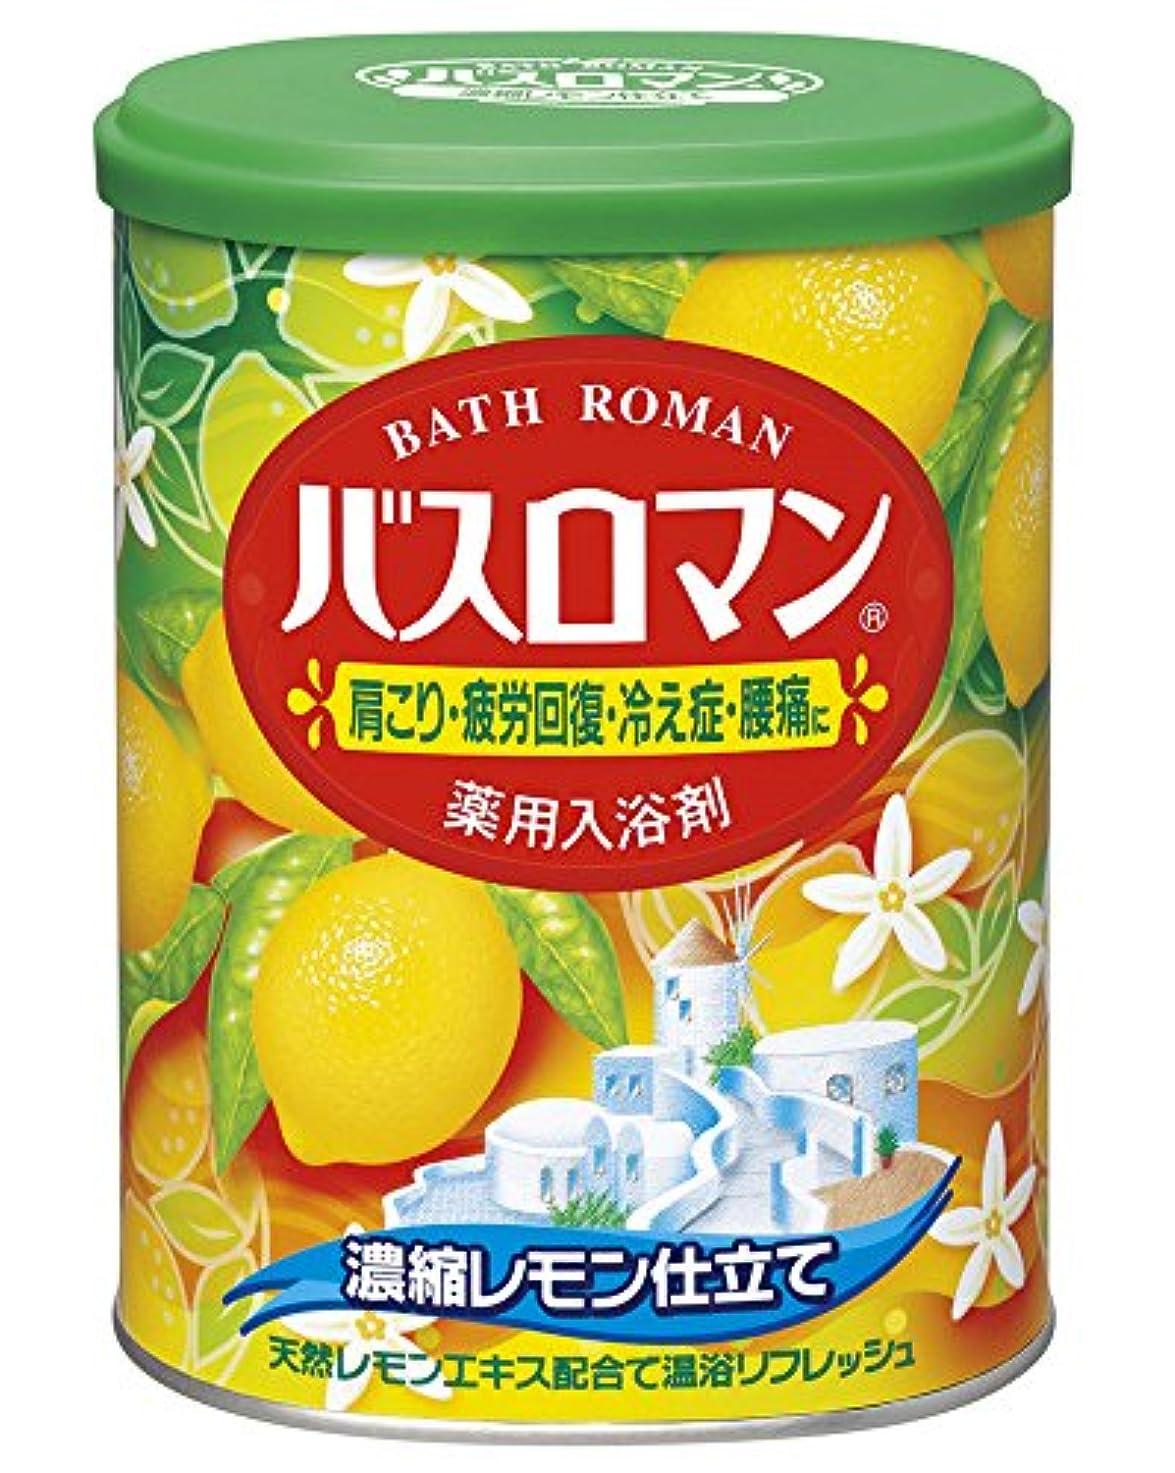 負バックグラウンド誰もバスロマン濃縮レモン